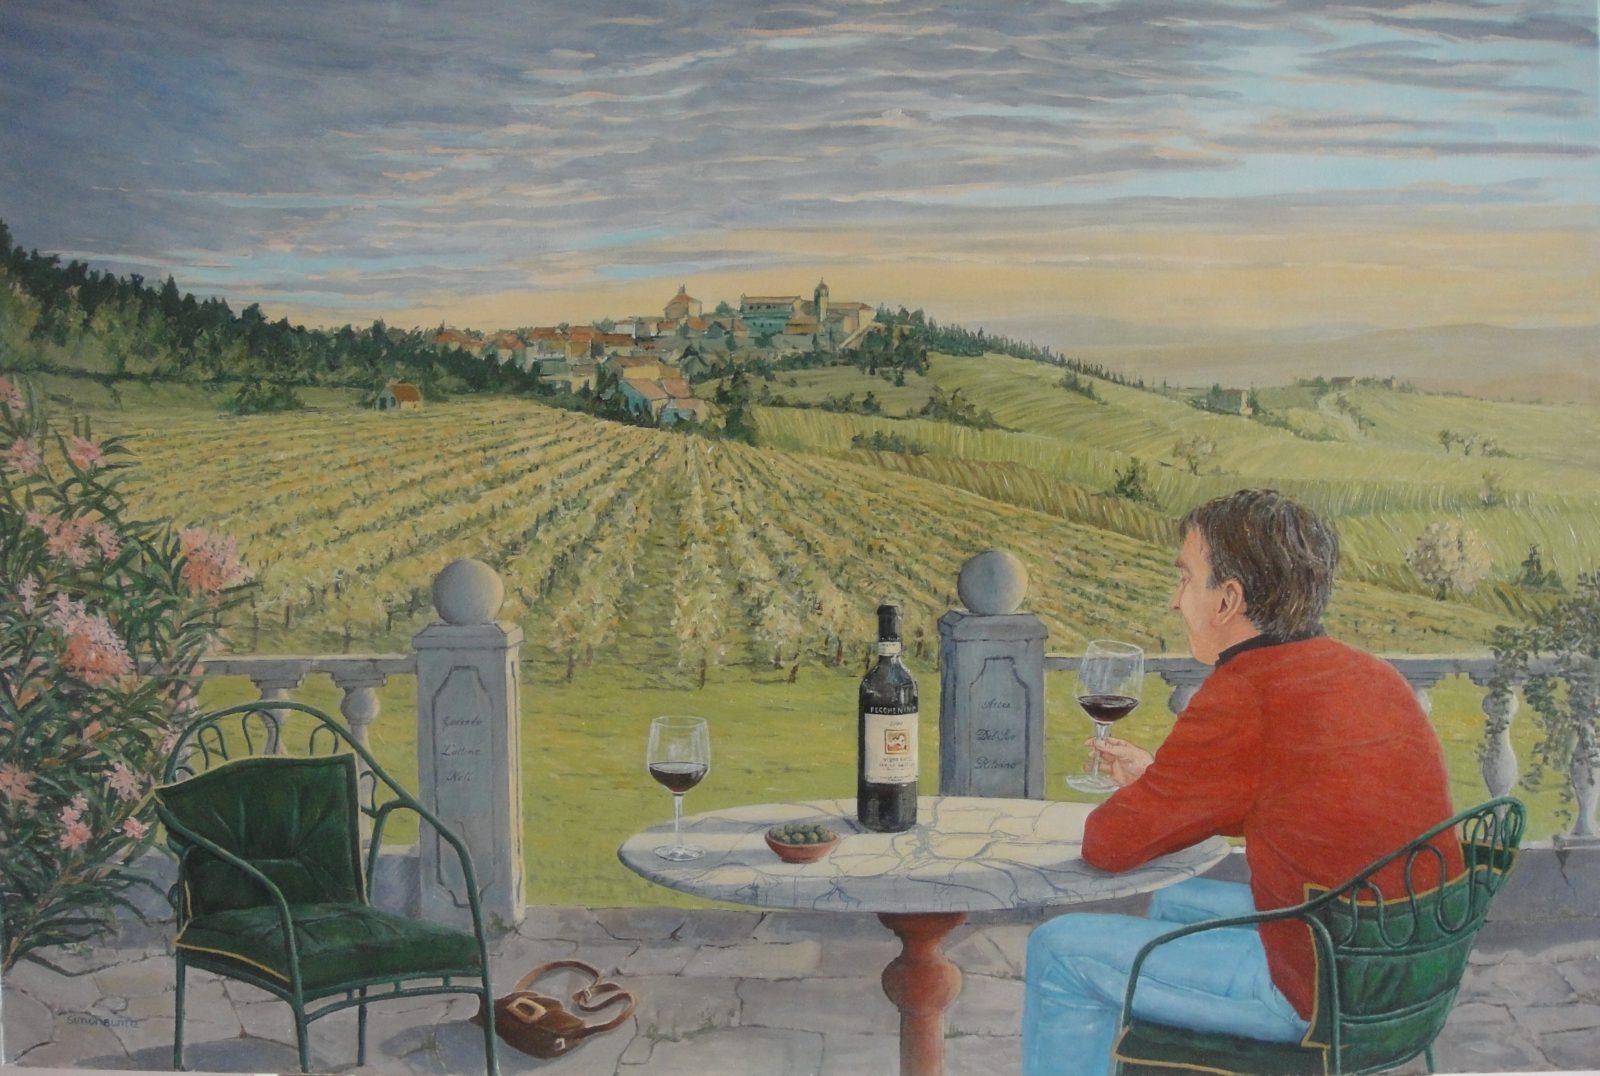 Nils Bugge, acrylic on linen, 120 x 80